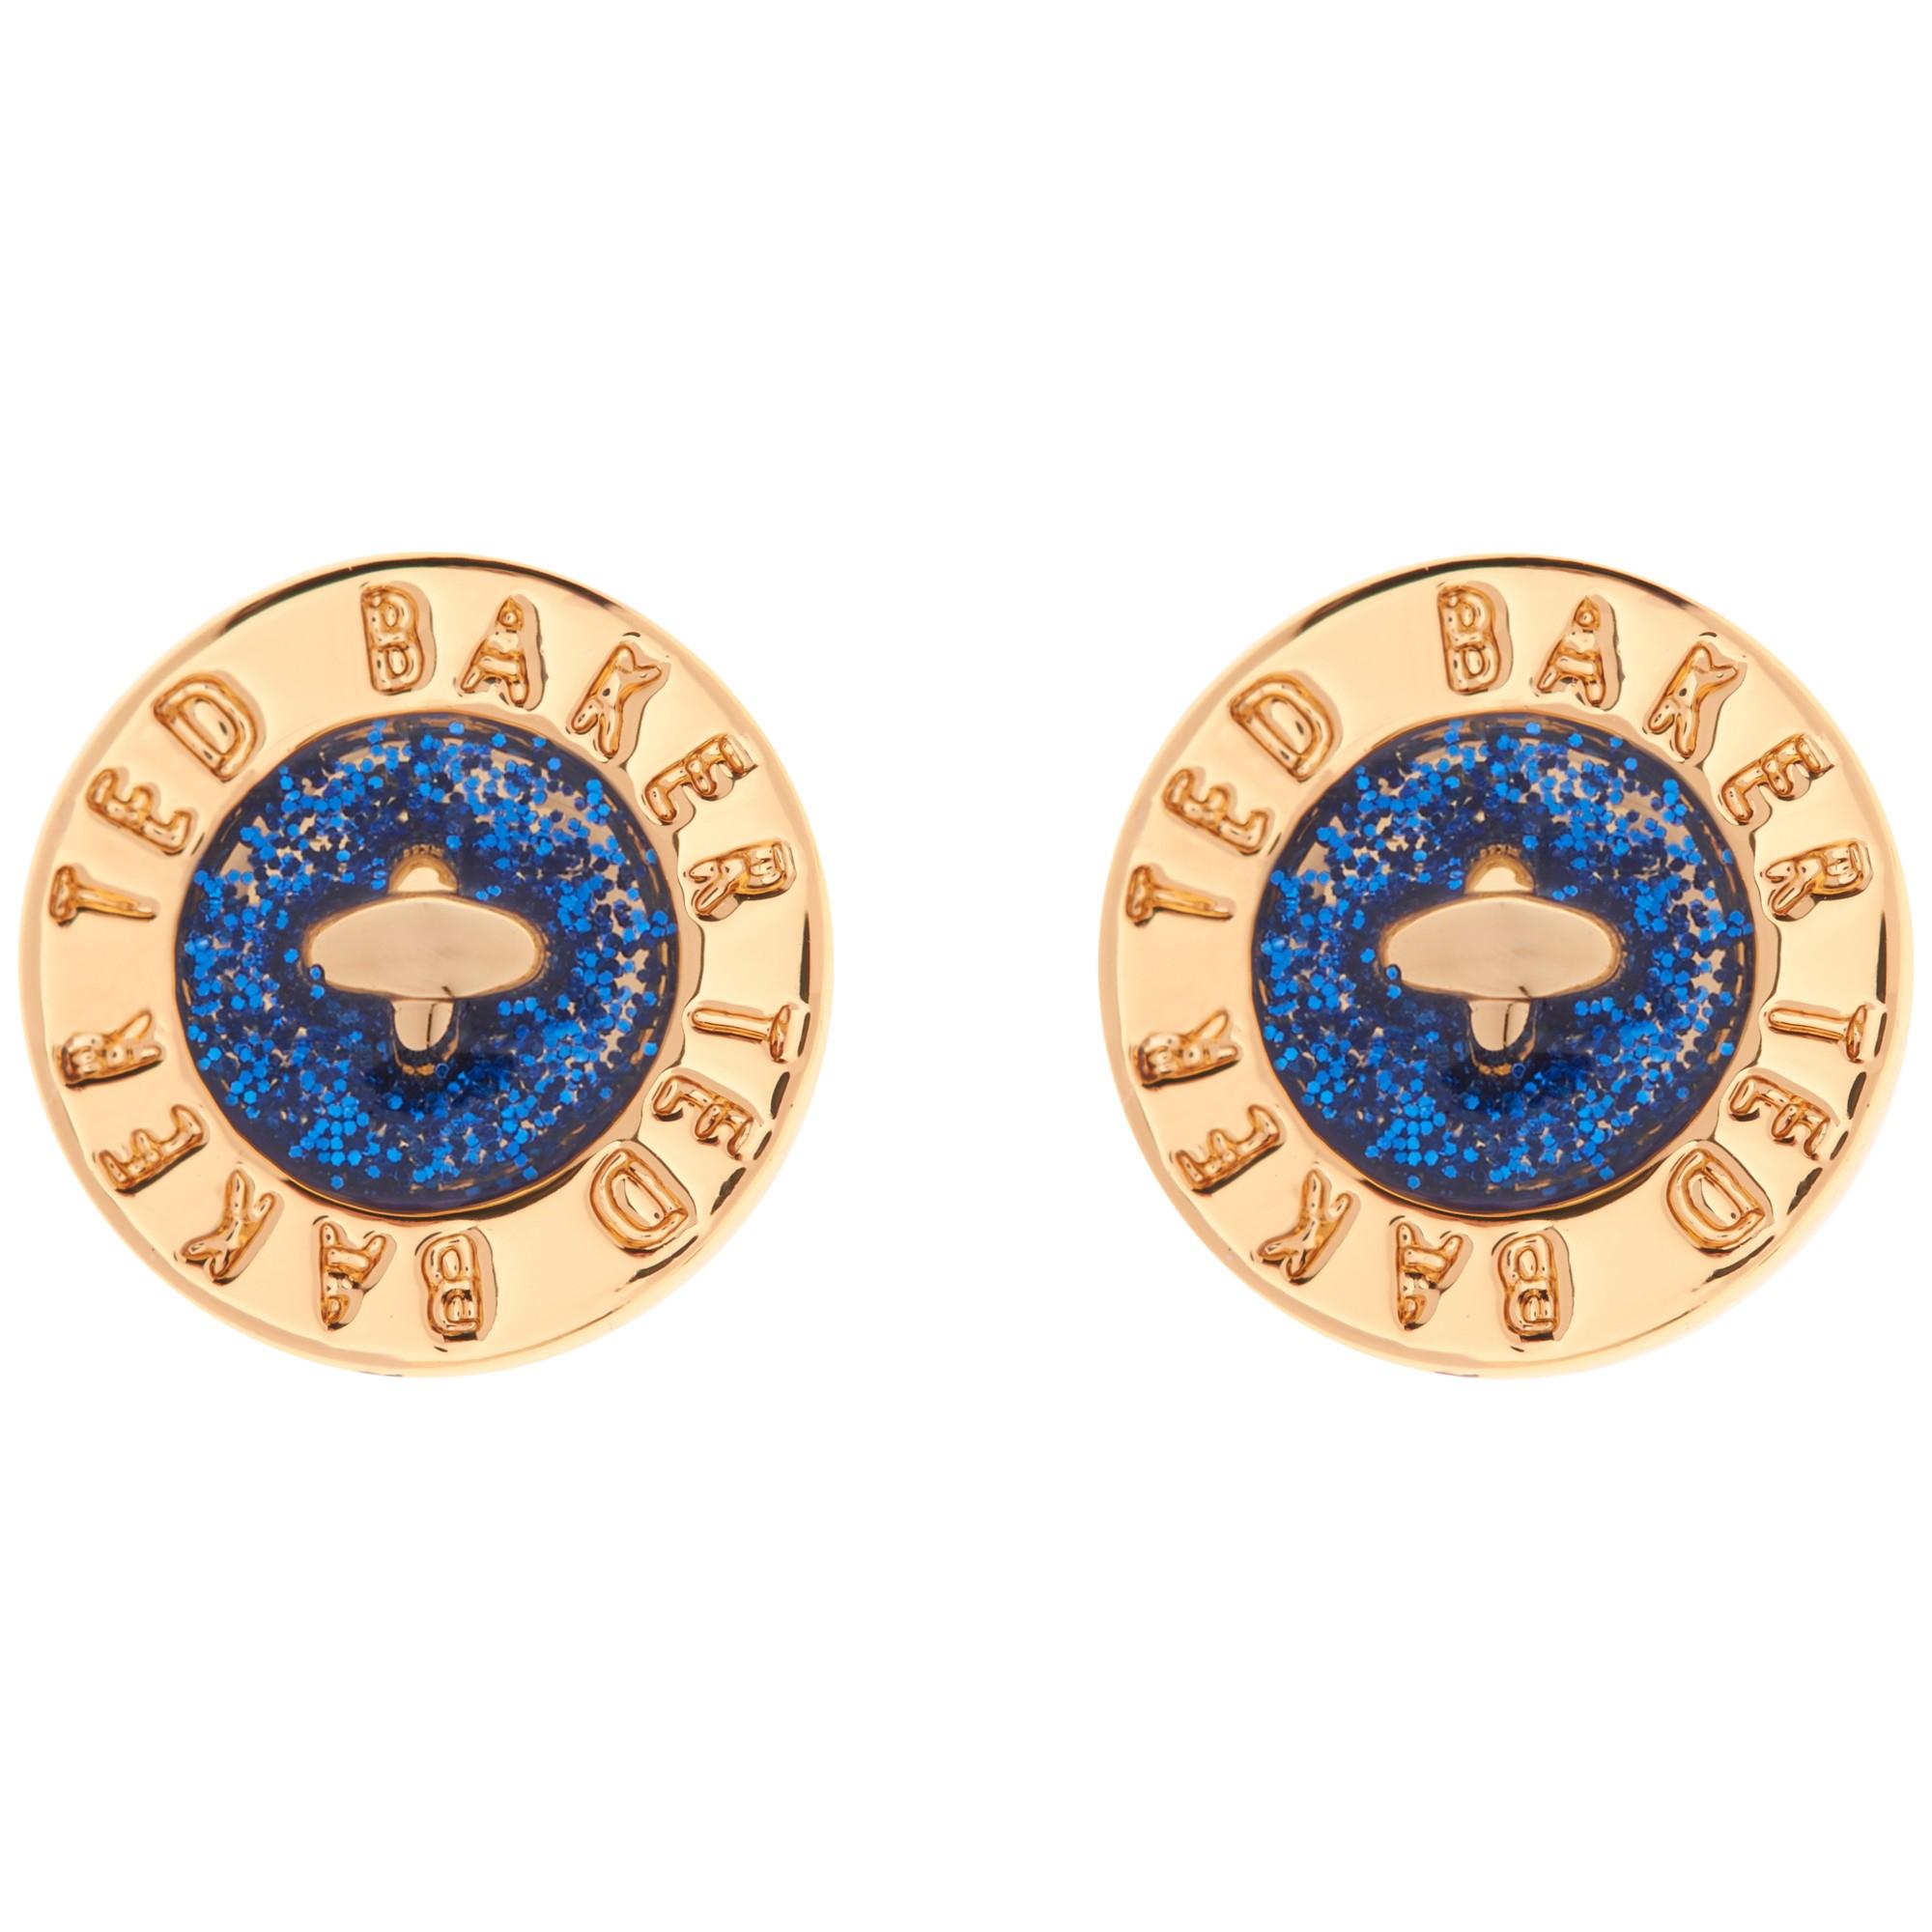 30b2cad2b7d454 Ted Baker Tempany Enamel Button Stud Earrings in Blue - Lyst